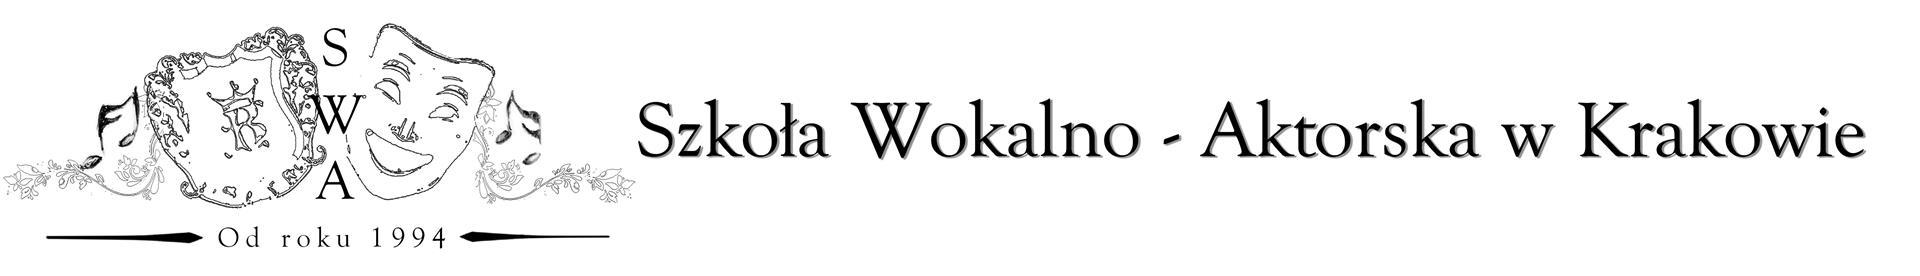 logo szkoły Wokalno - Aktorskiej